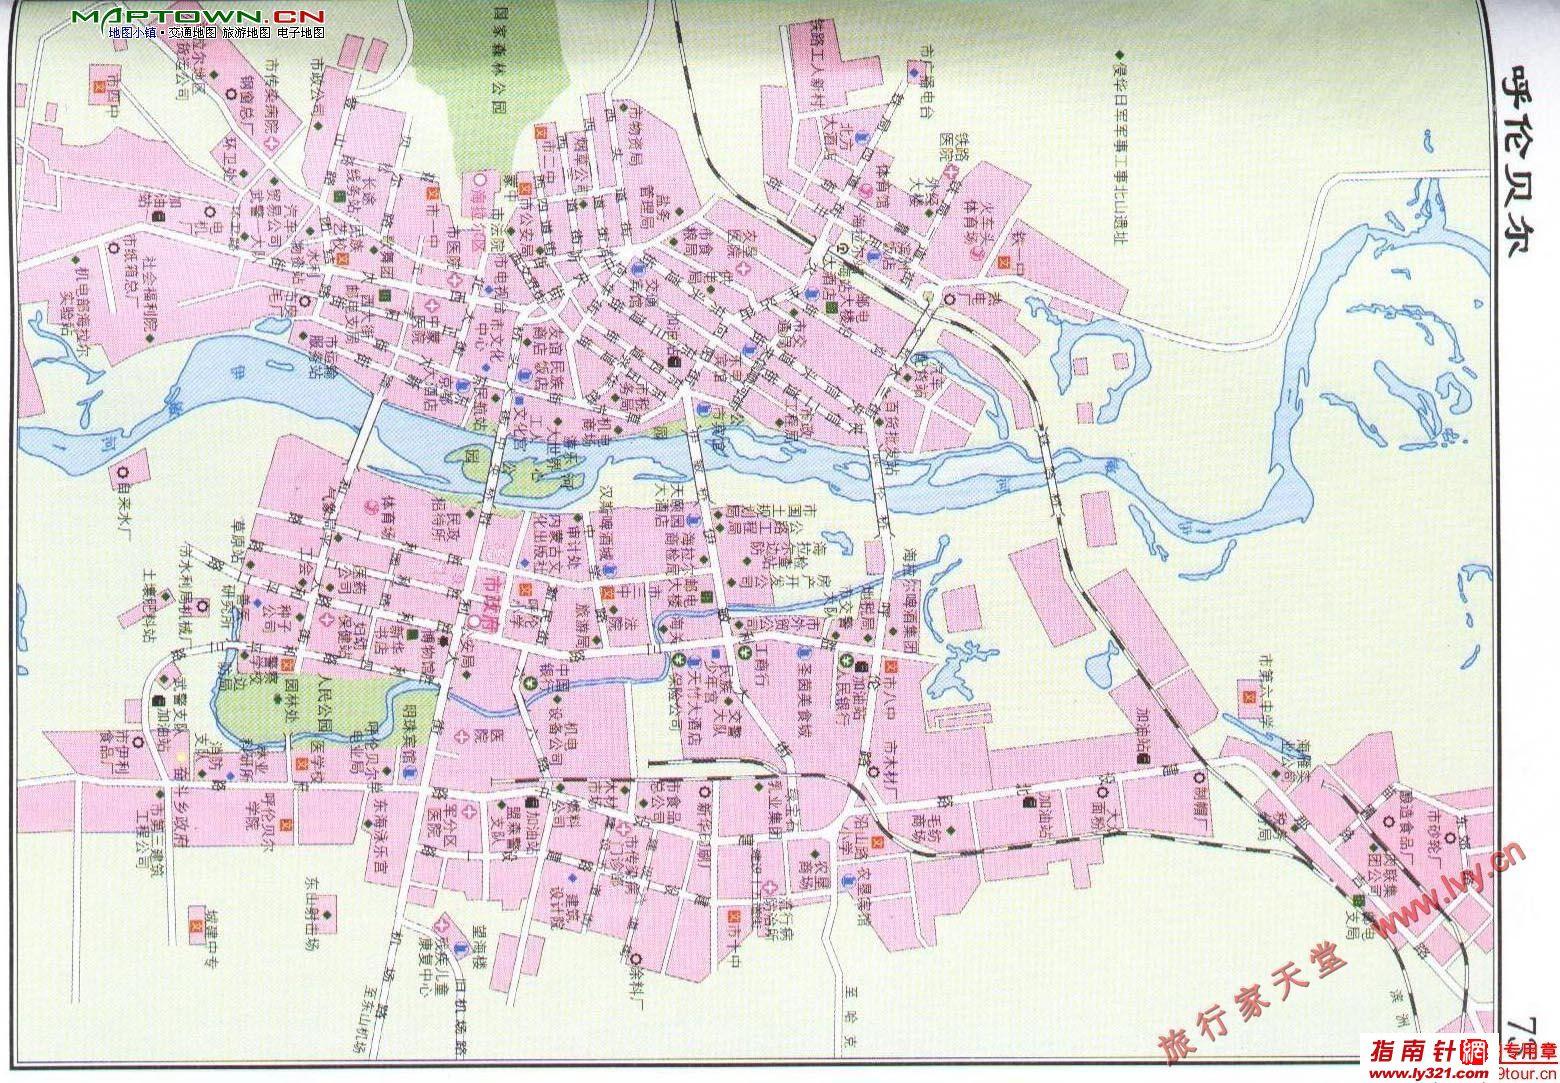 内蒙古呼伦贝尔市市区地图